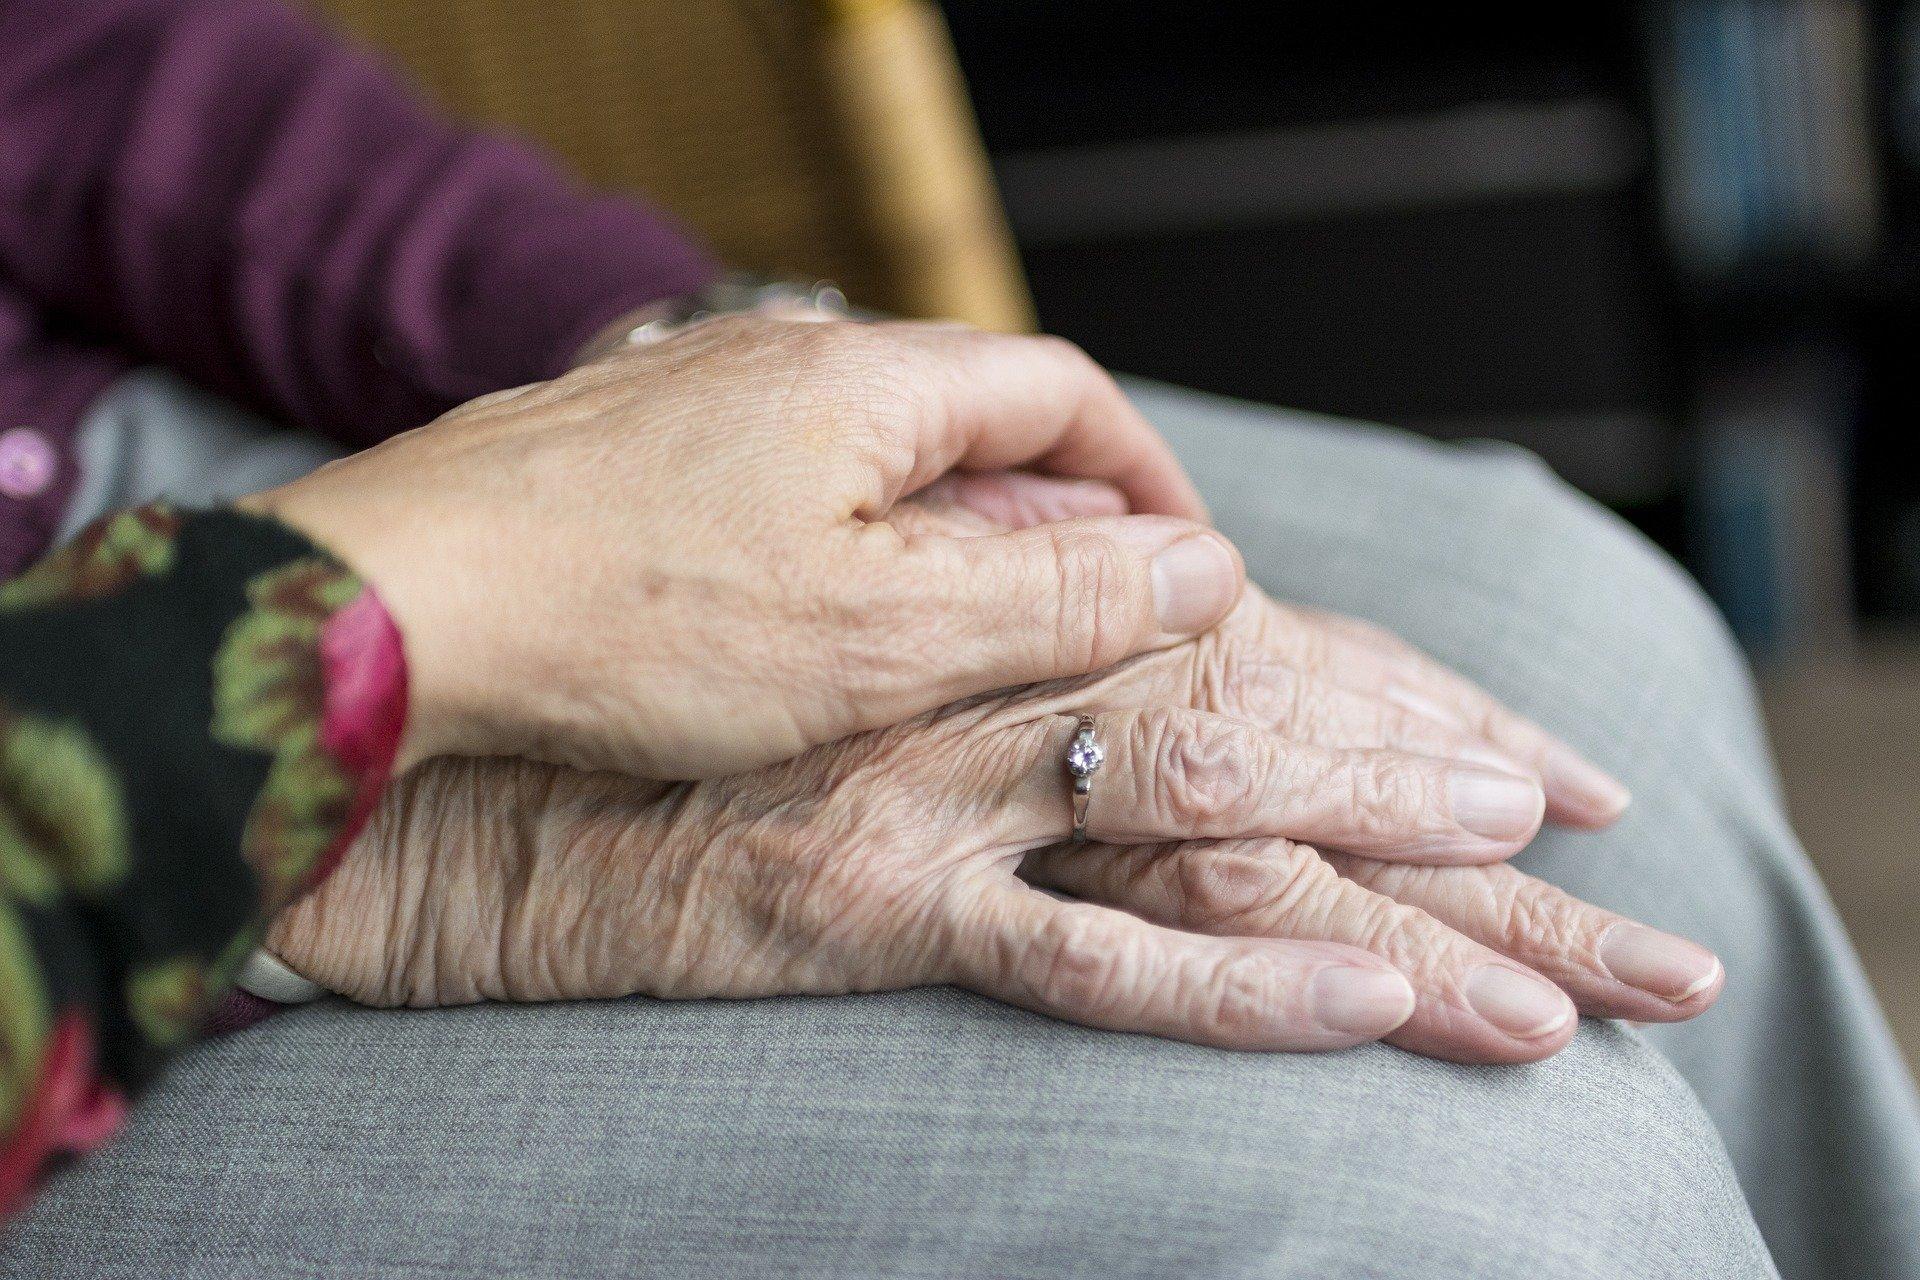 Kwetsbare ouderen thuis: vernieuwing in zorgtoezicht gevraagd